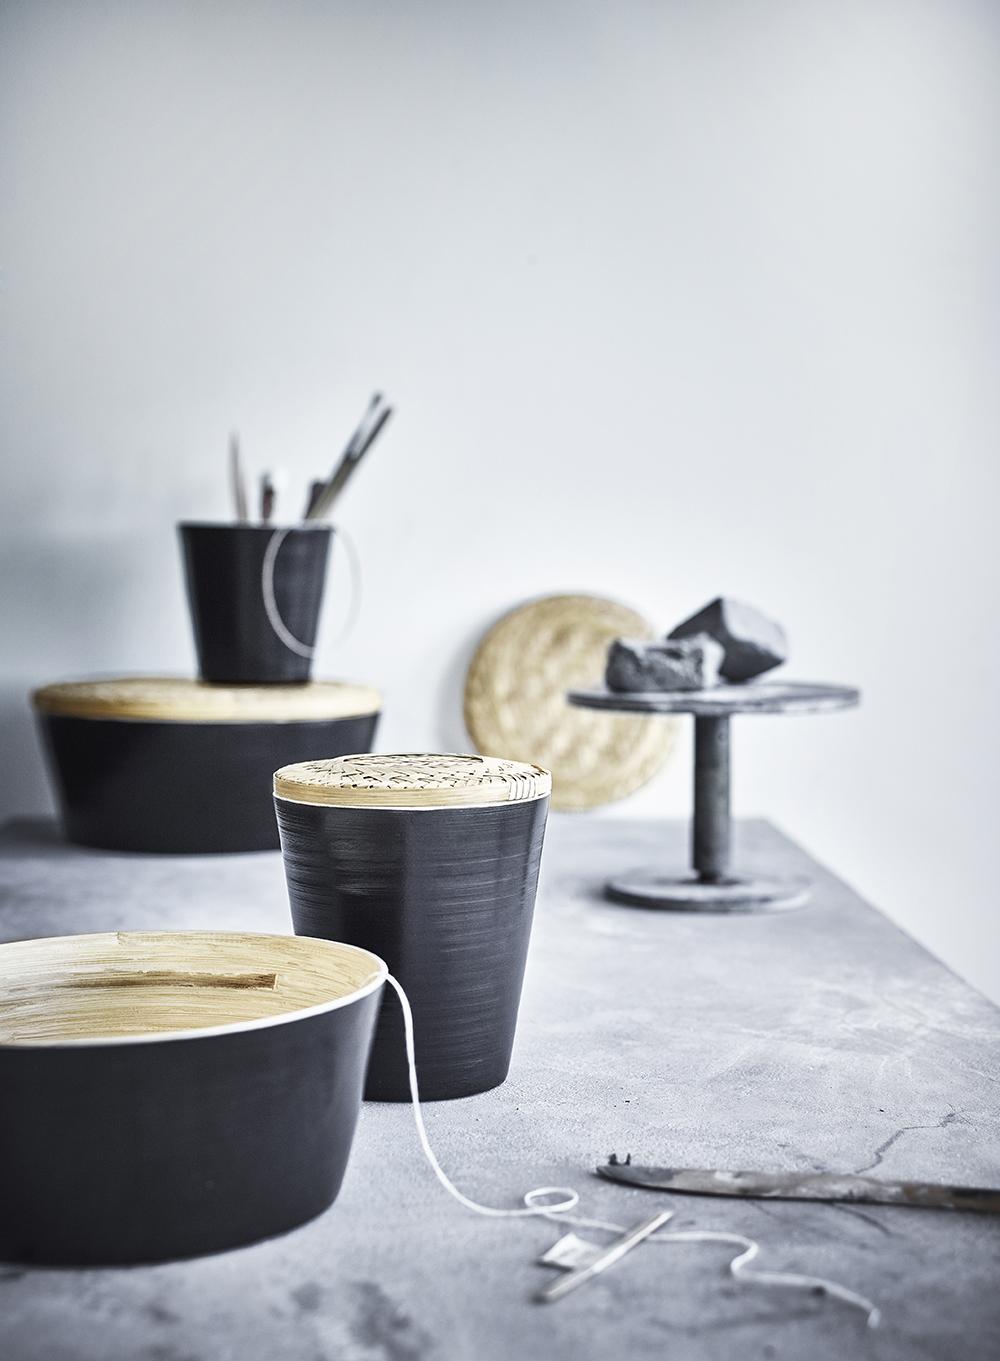 Viktigt ikea art de la table au naturel chiara stella home - Ikea art de la table ...